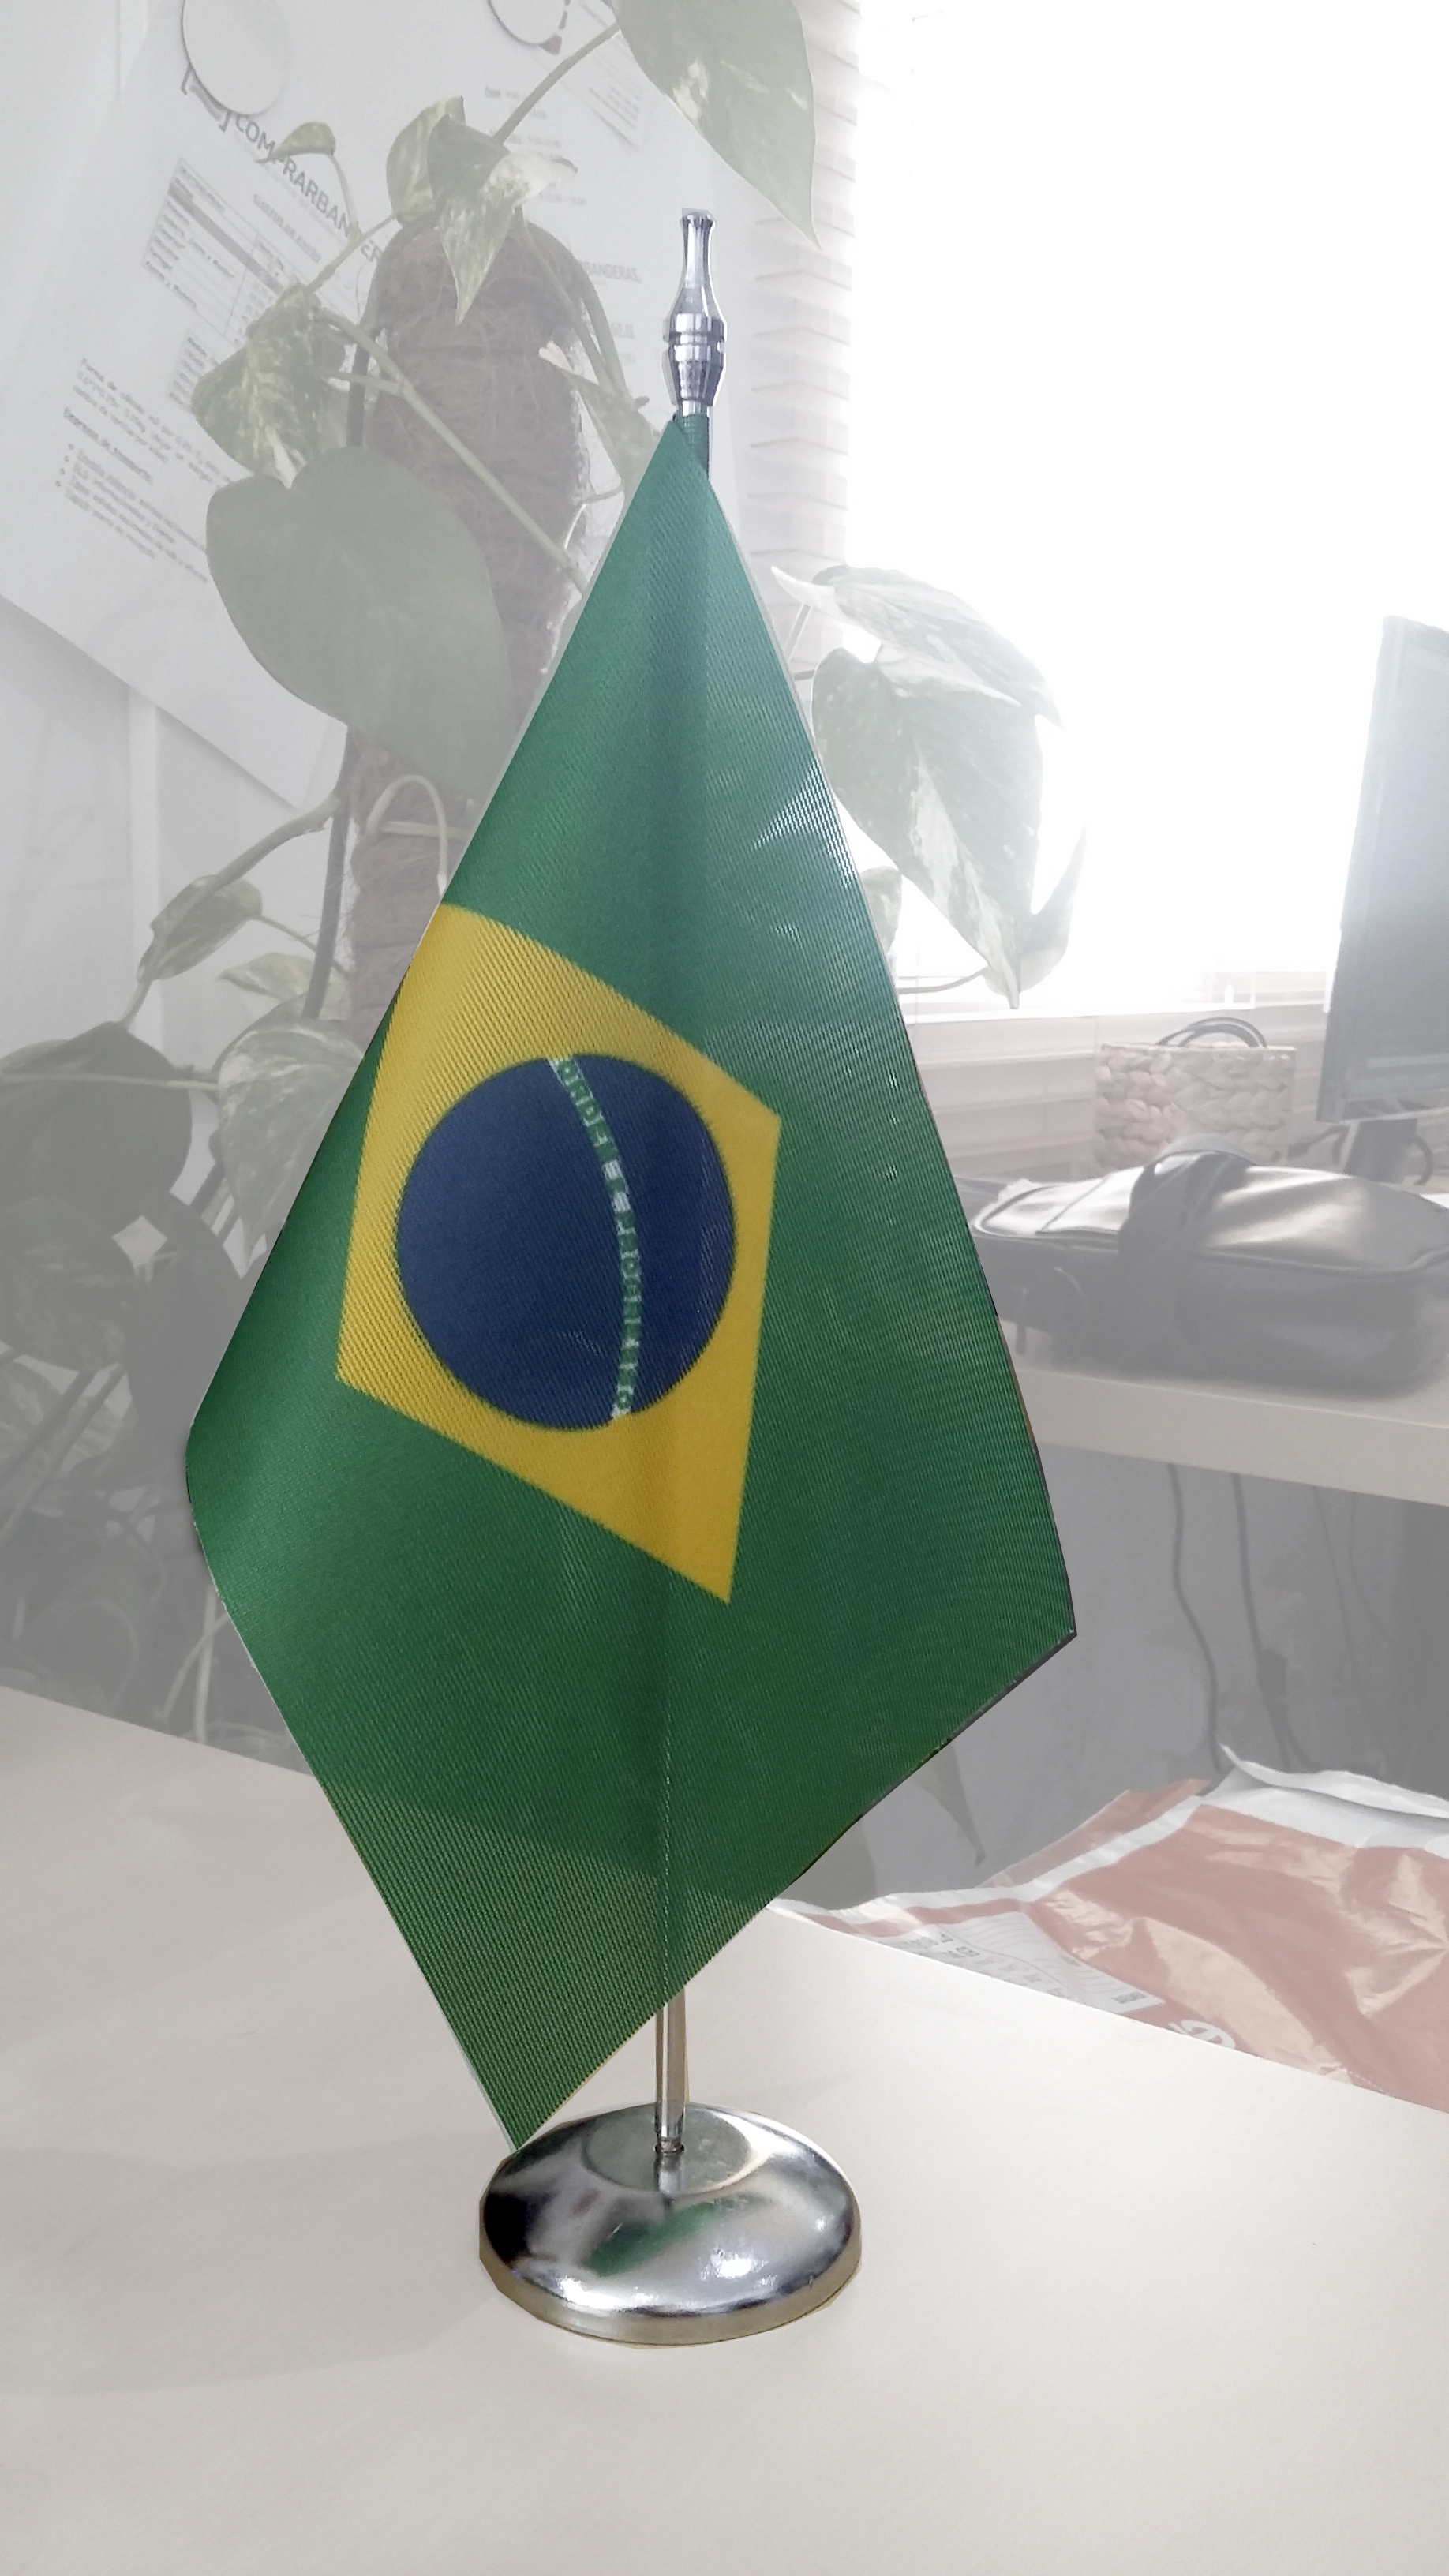 Comprar Bandera de Brasil - Comprarbanderas.es 7b584f98fb5